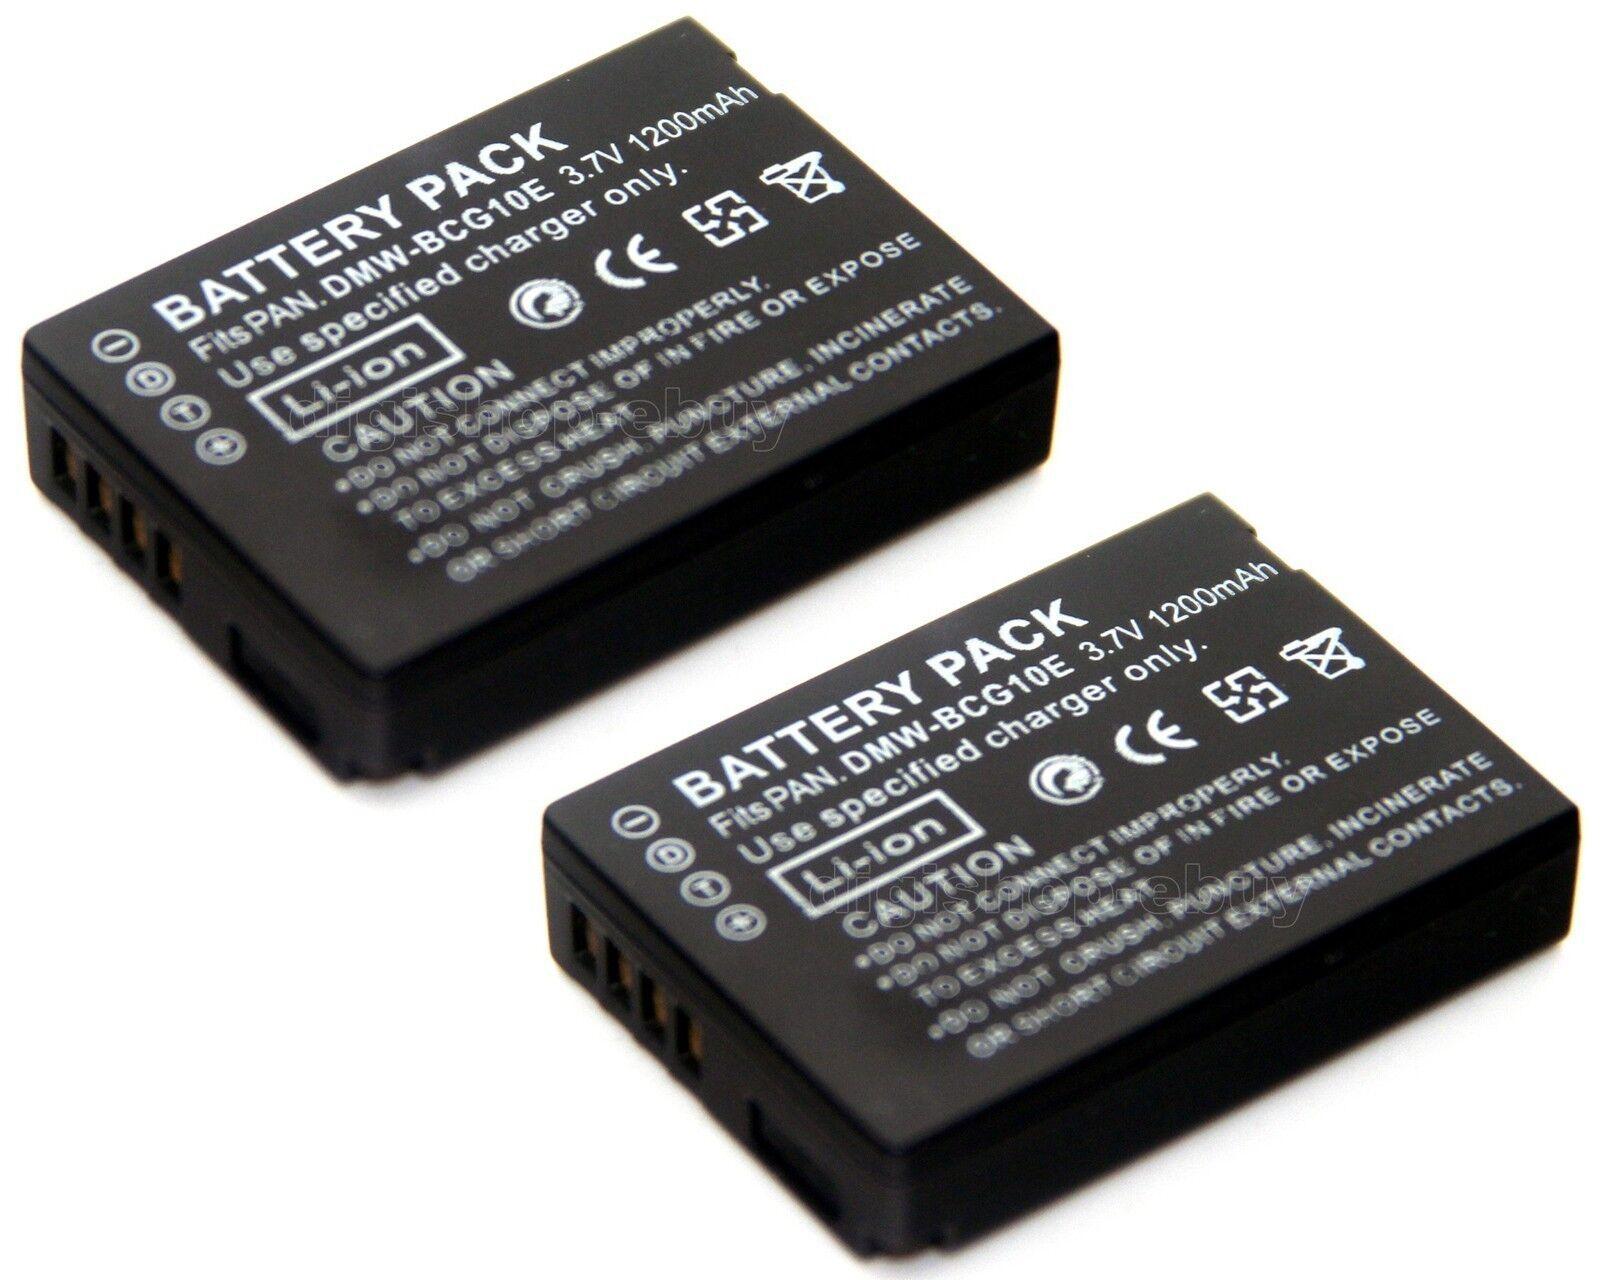 DE-A65 Cargador de batería para DMW-BCG10 Panasonic Lumix DMC-TZ10 DMC-TZ20 DMC-ZS10